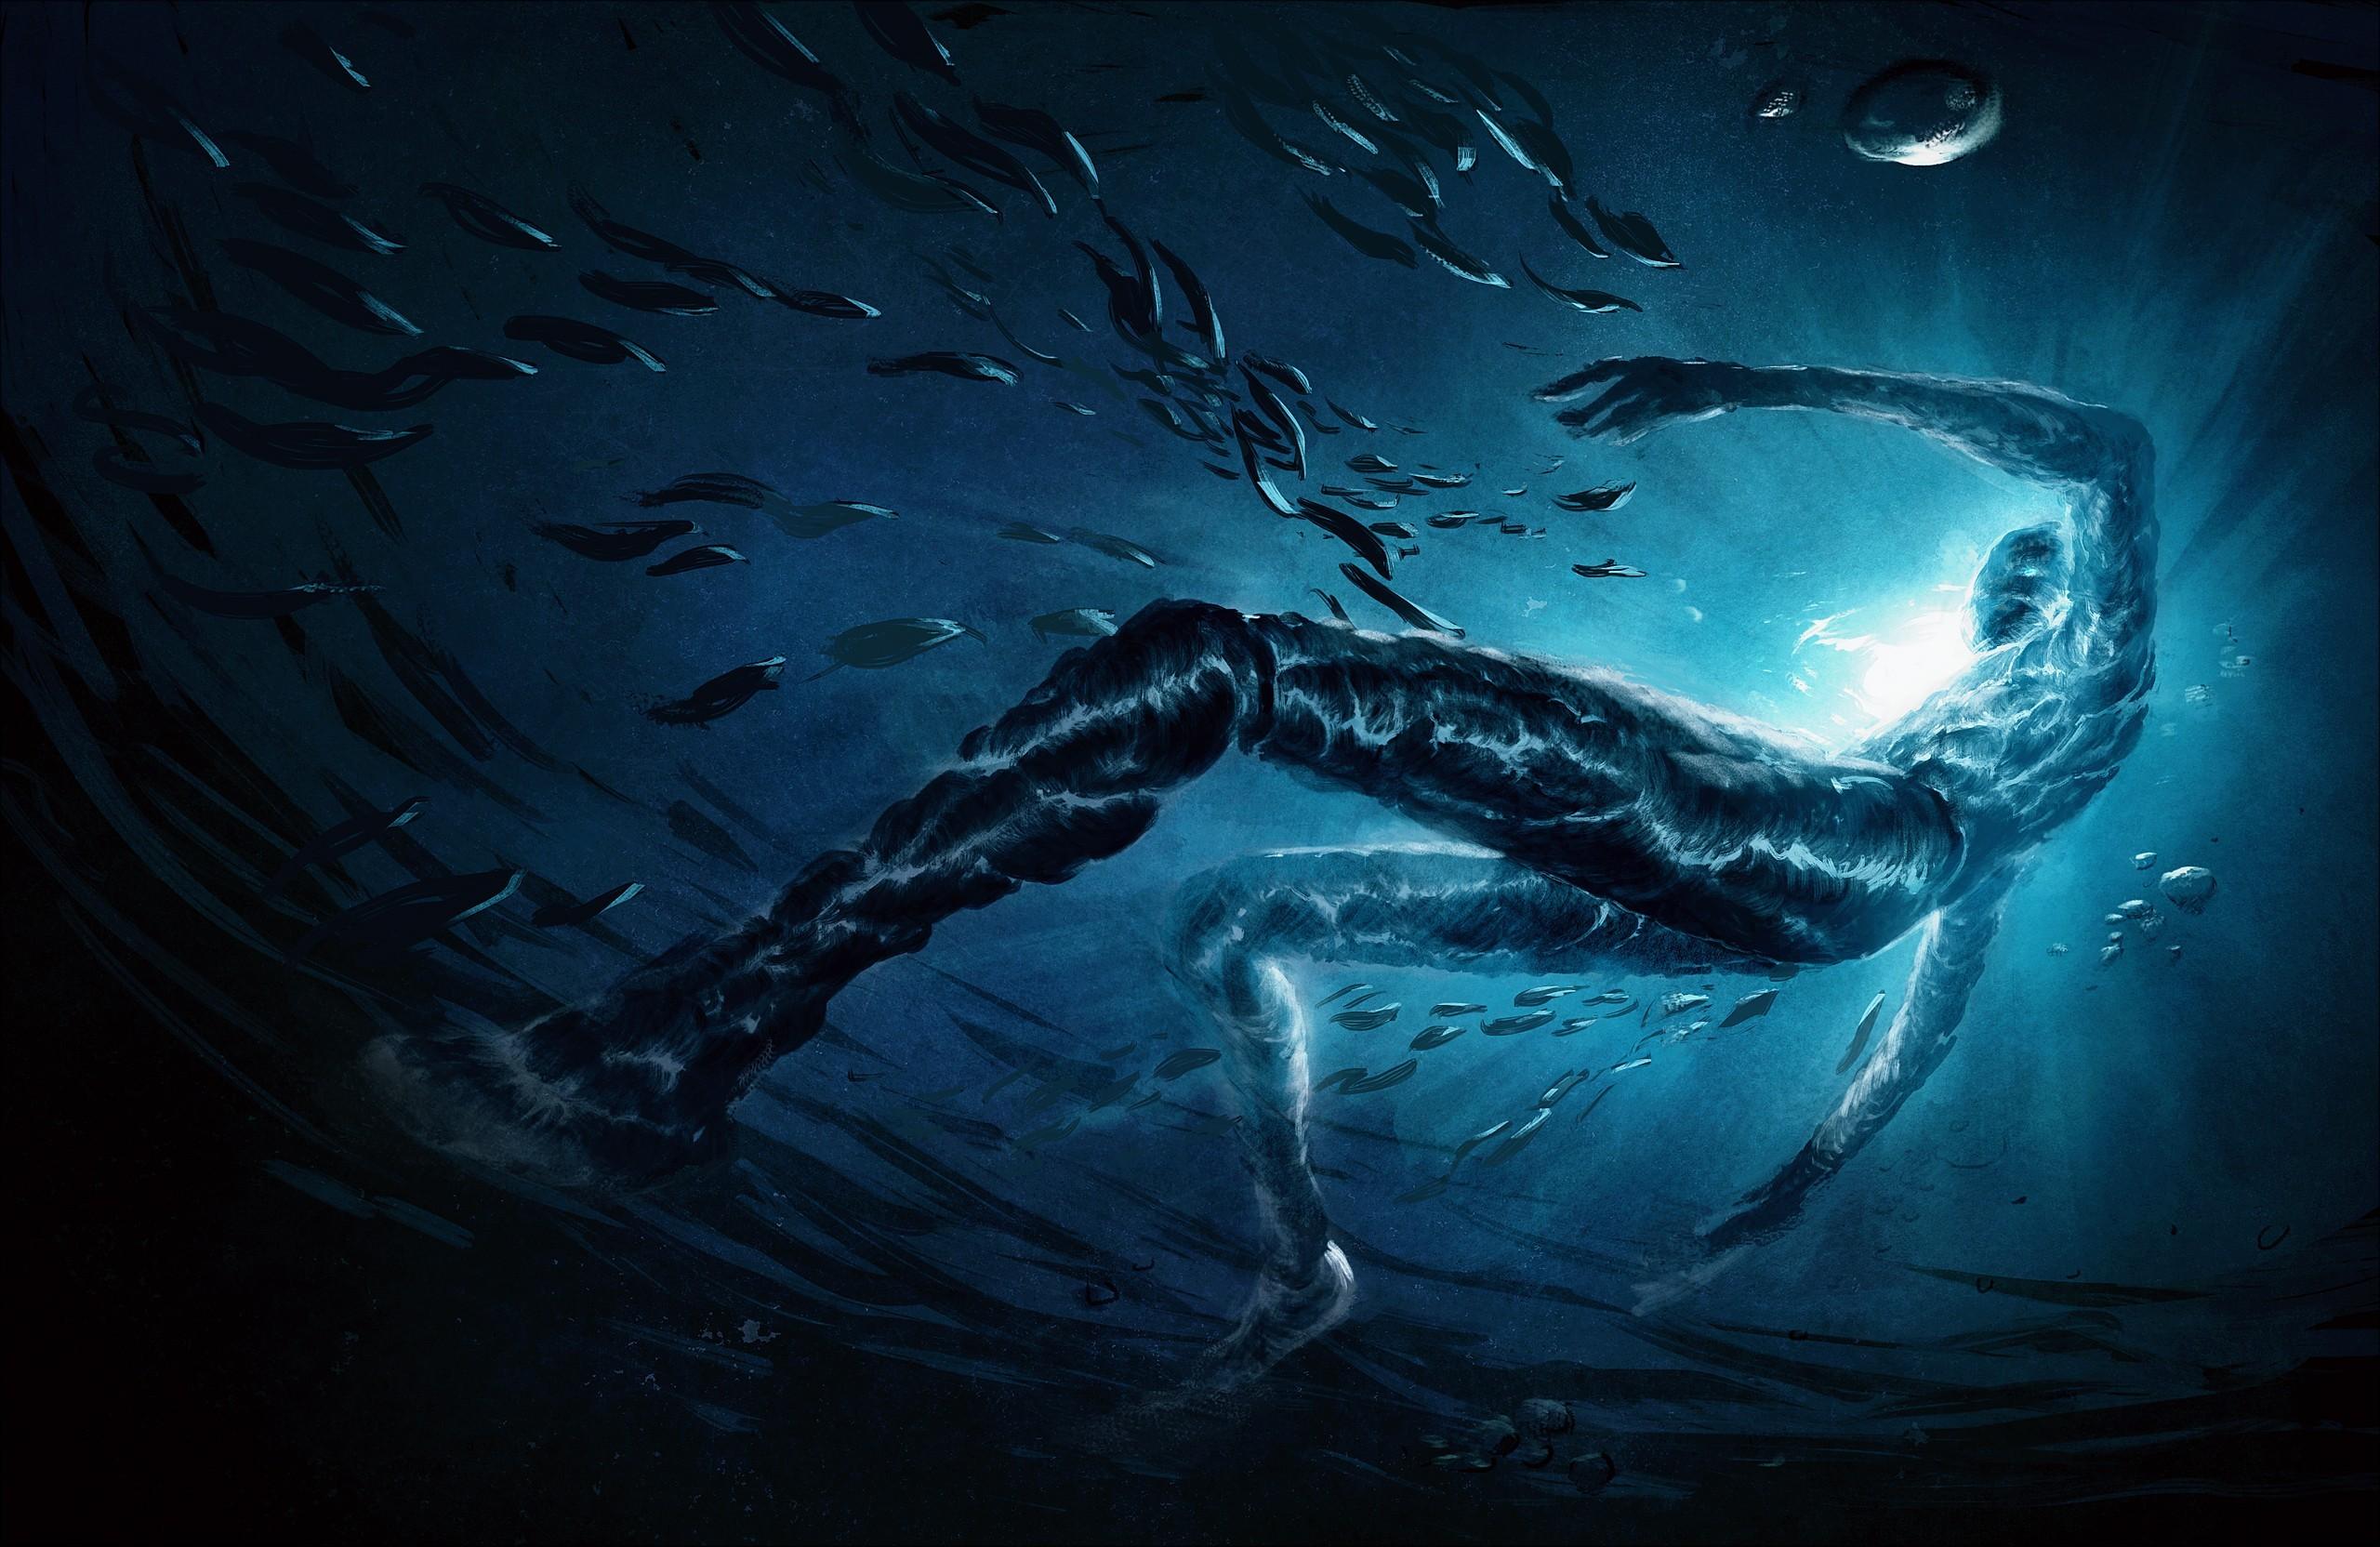 картинки воды в виде мужчины